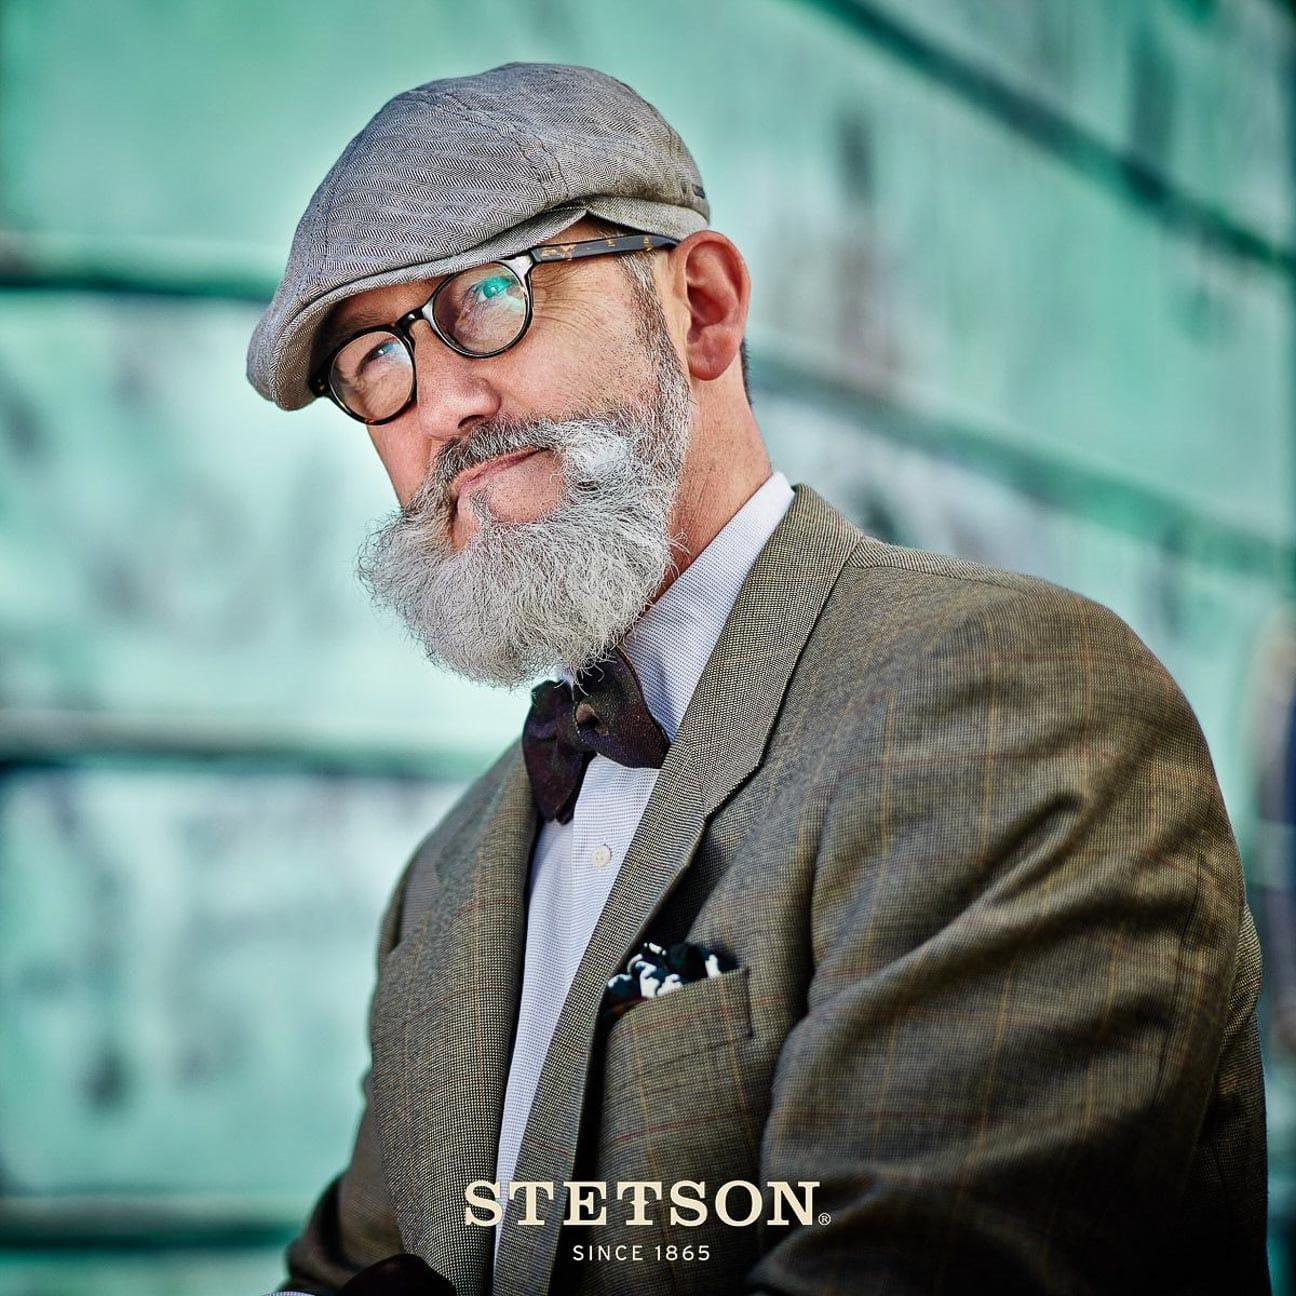 Gorra Gatsby de Lino Brooklin by Stetson - Gorras - sombreroshop.es 43139fbf0e7